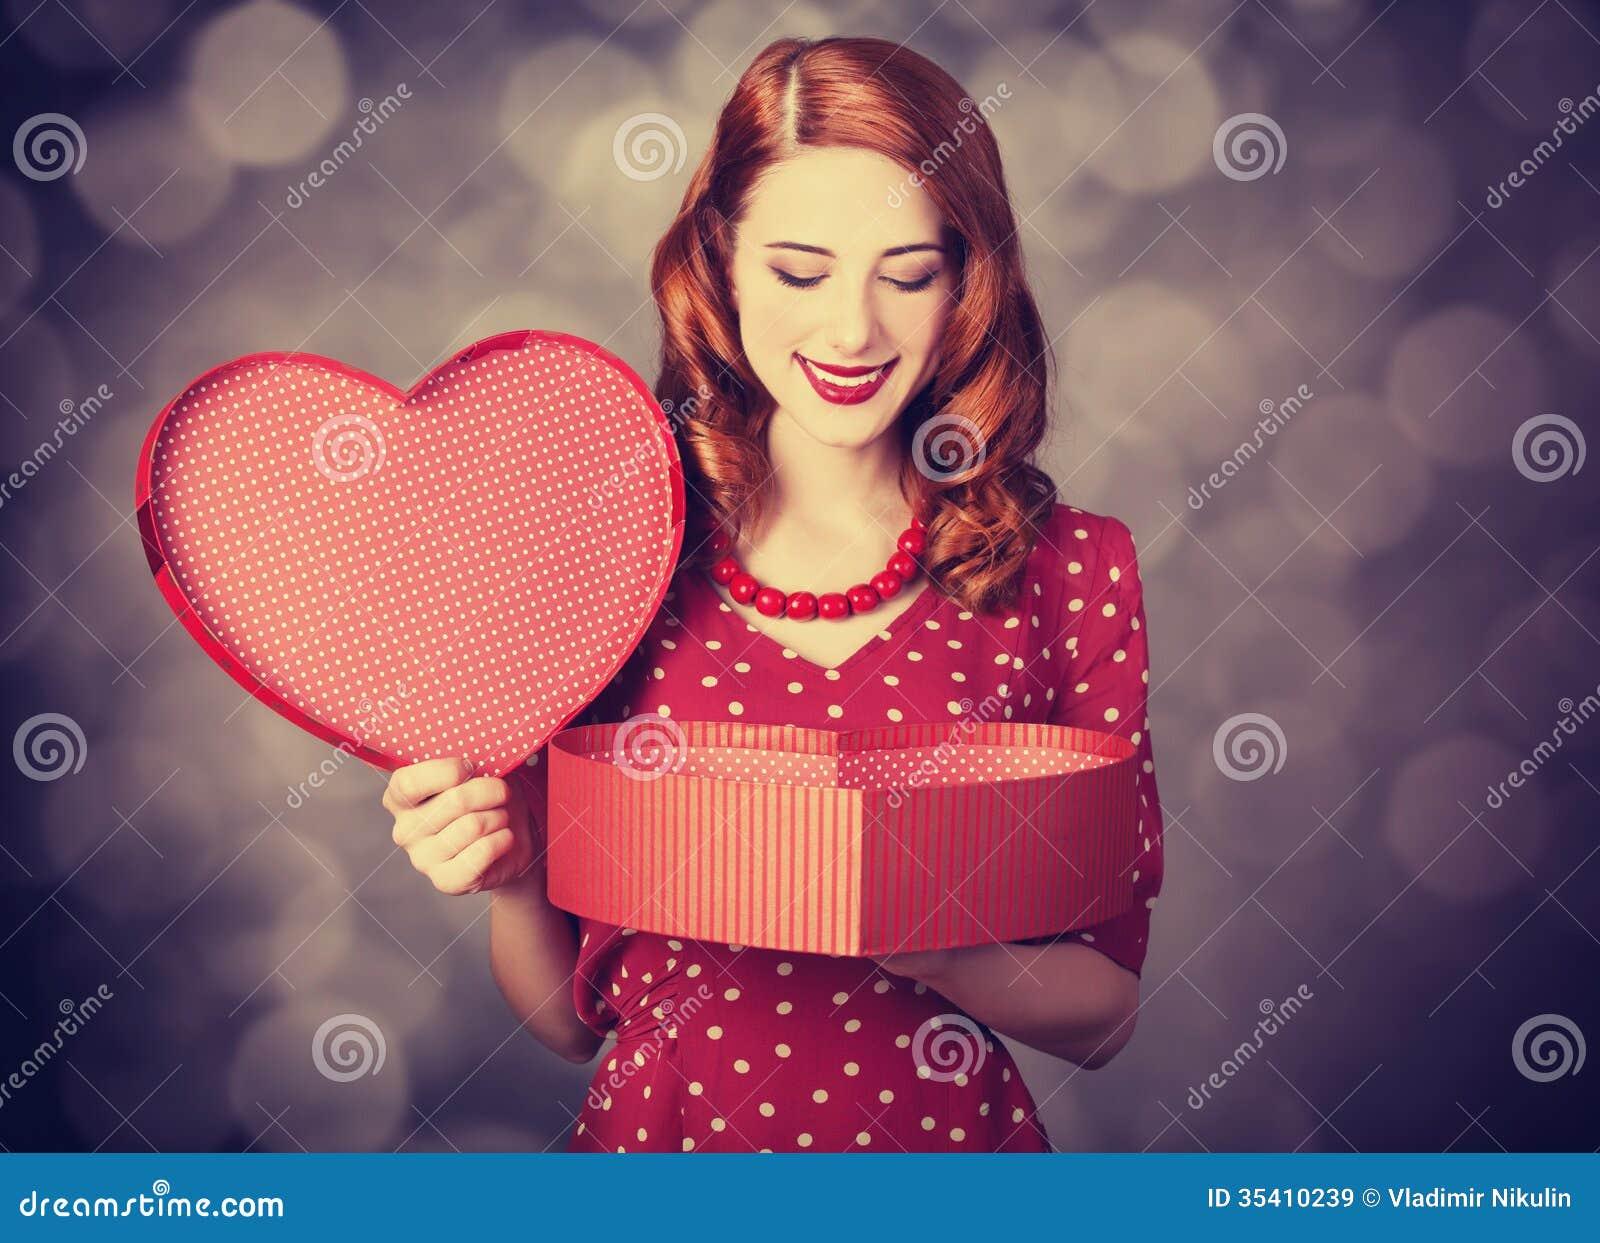 有礼物的红头发人女孩为情人节